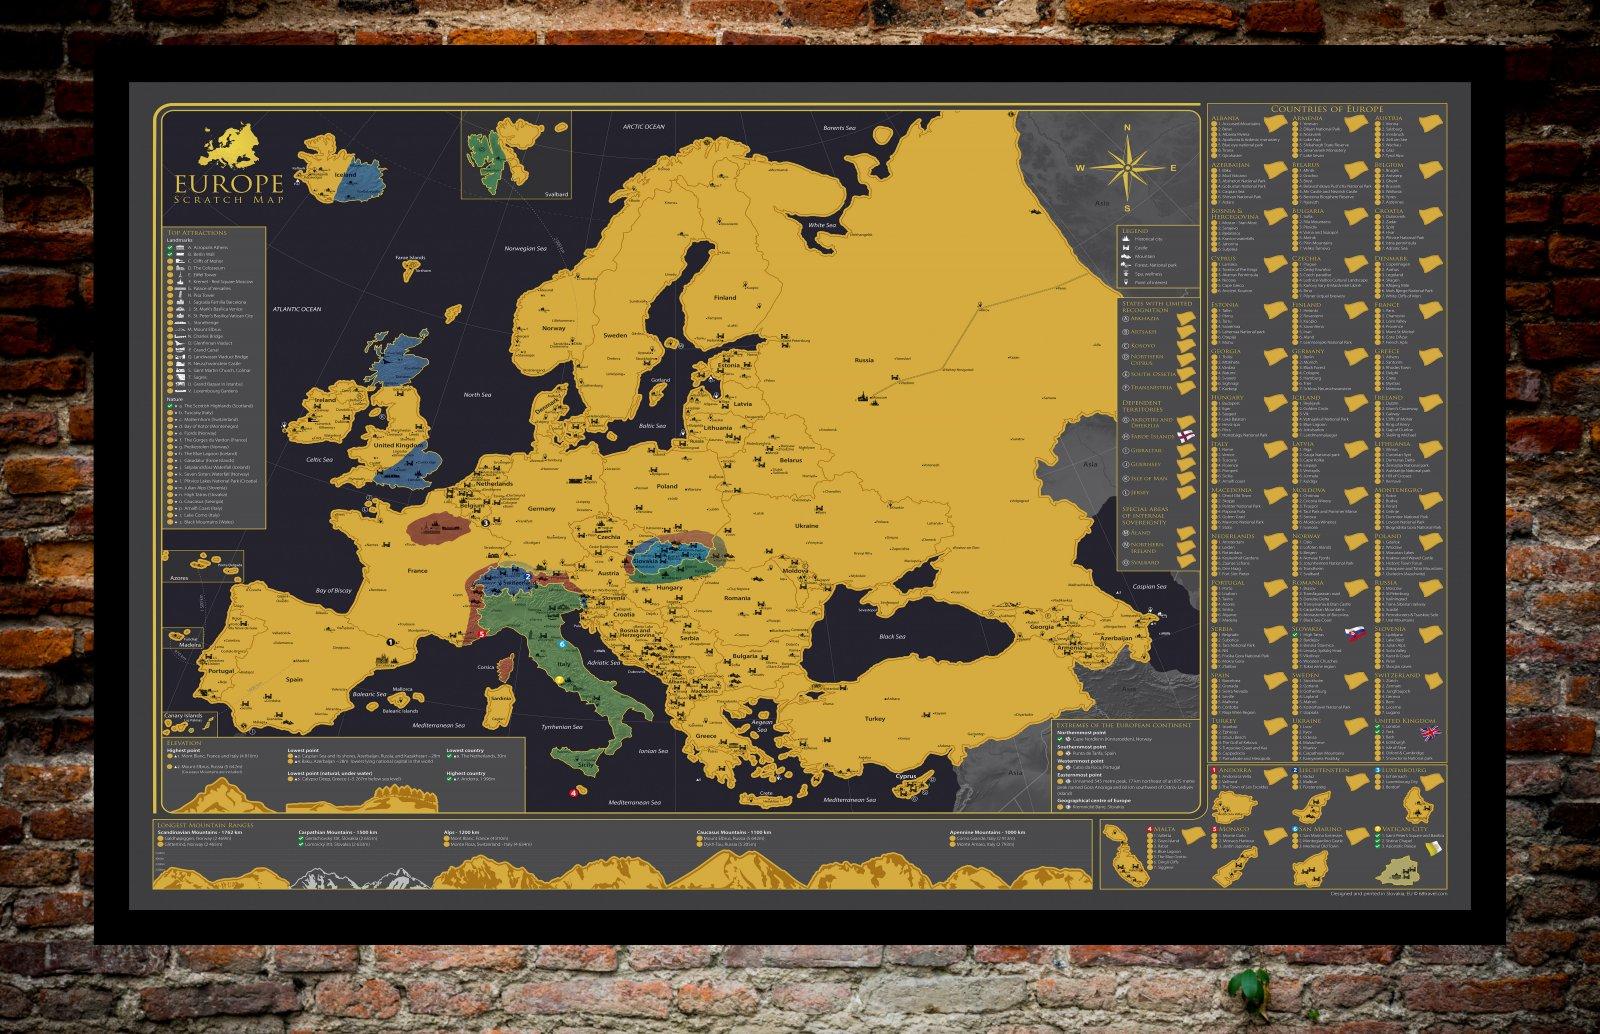 Stírací mapa Evropy - zobrazena se setřenými částmi